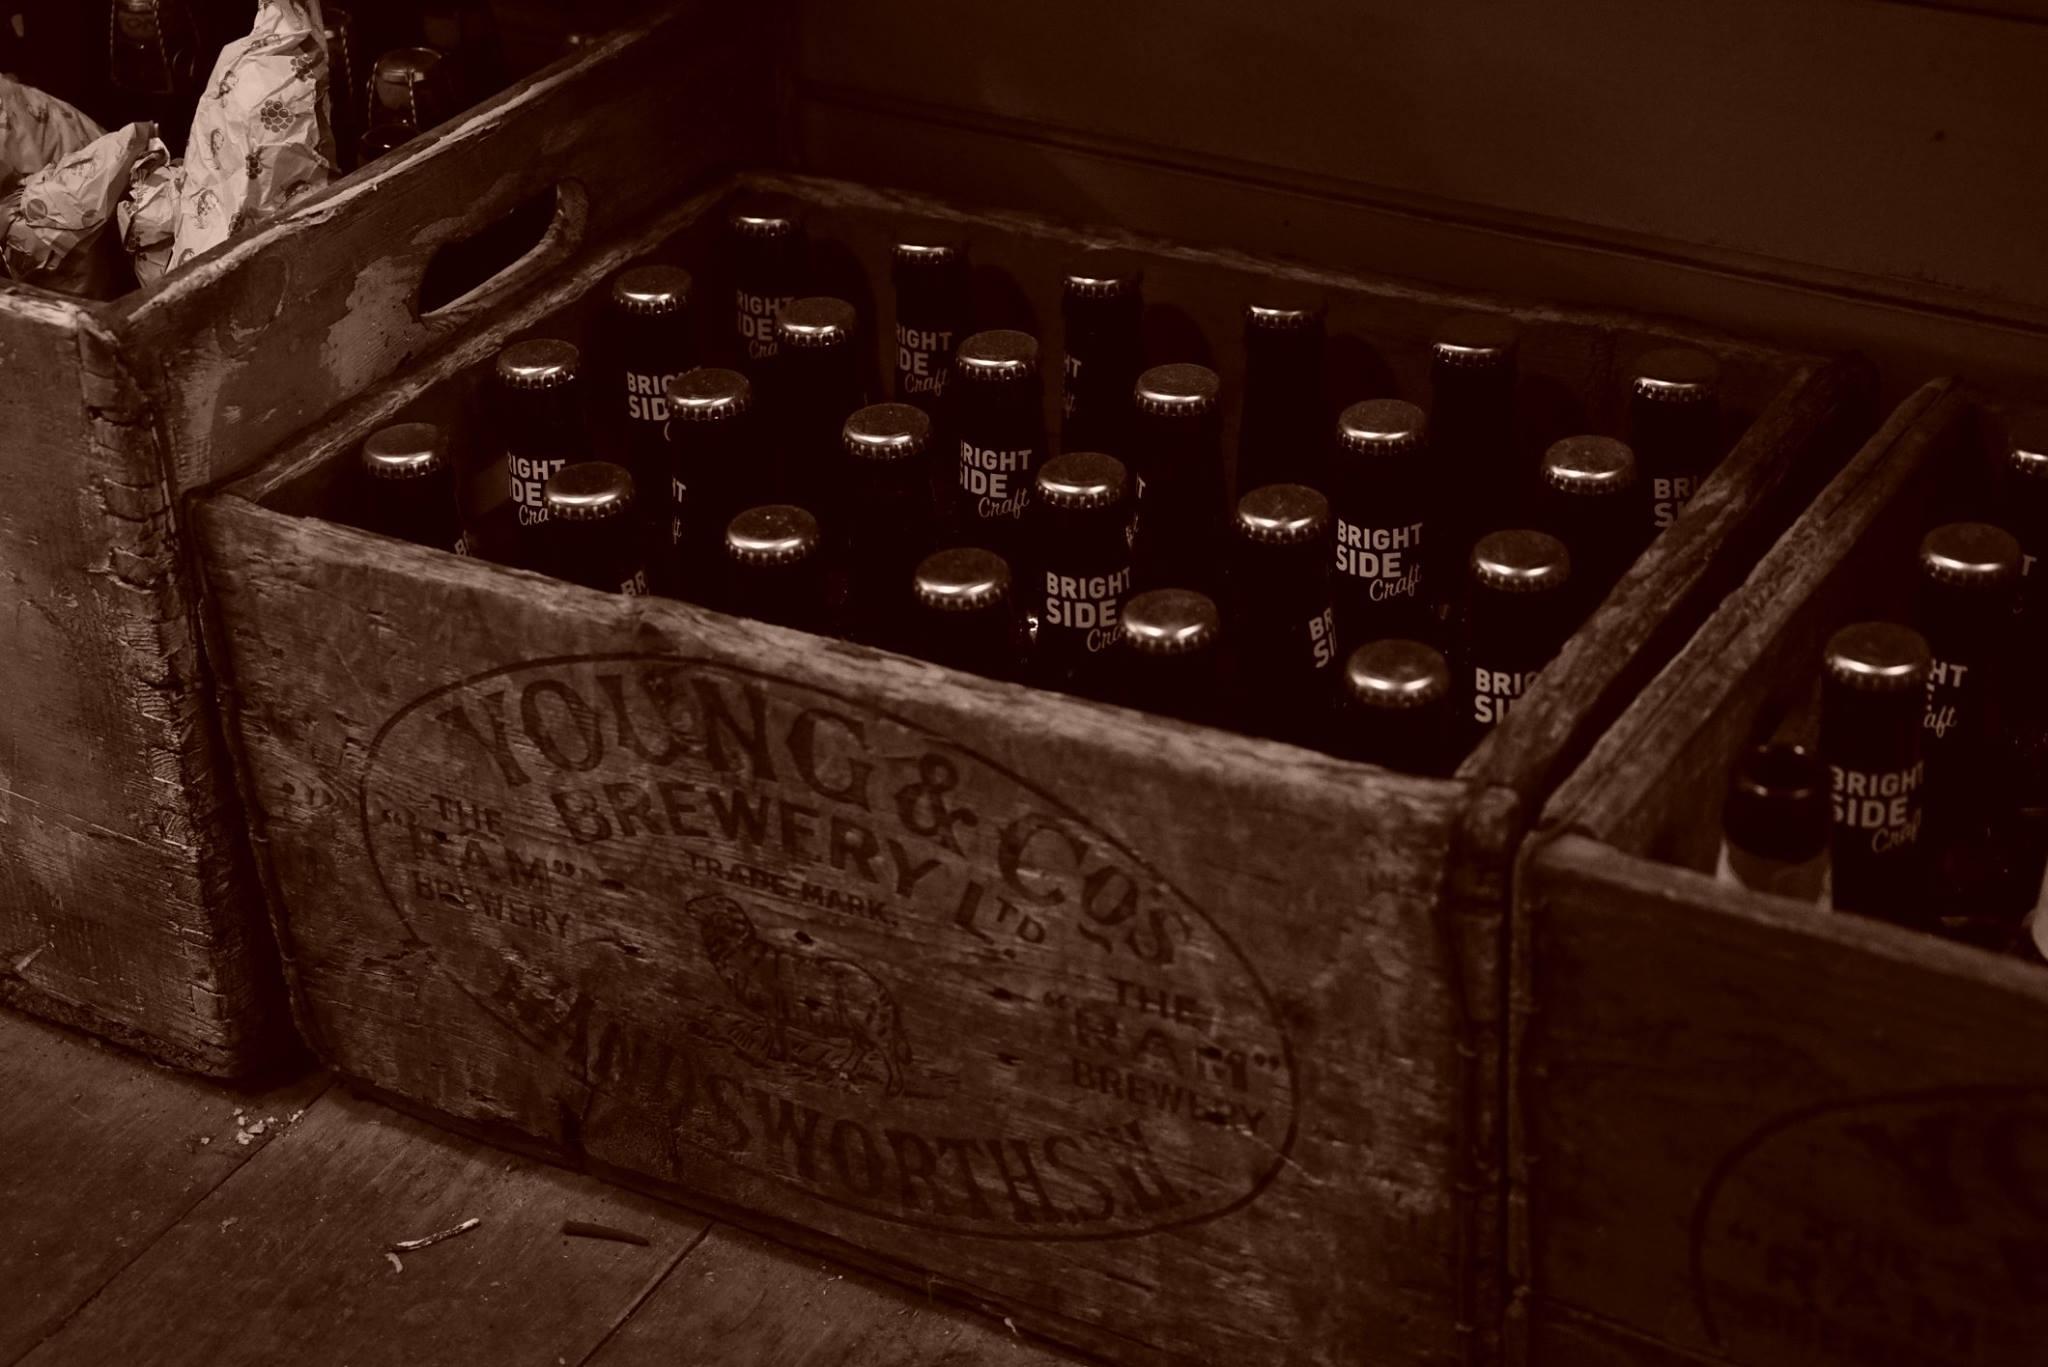 Case of beer